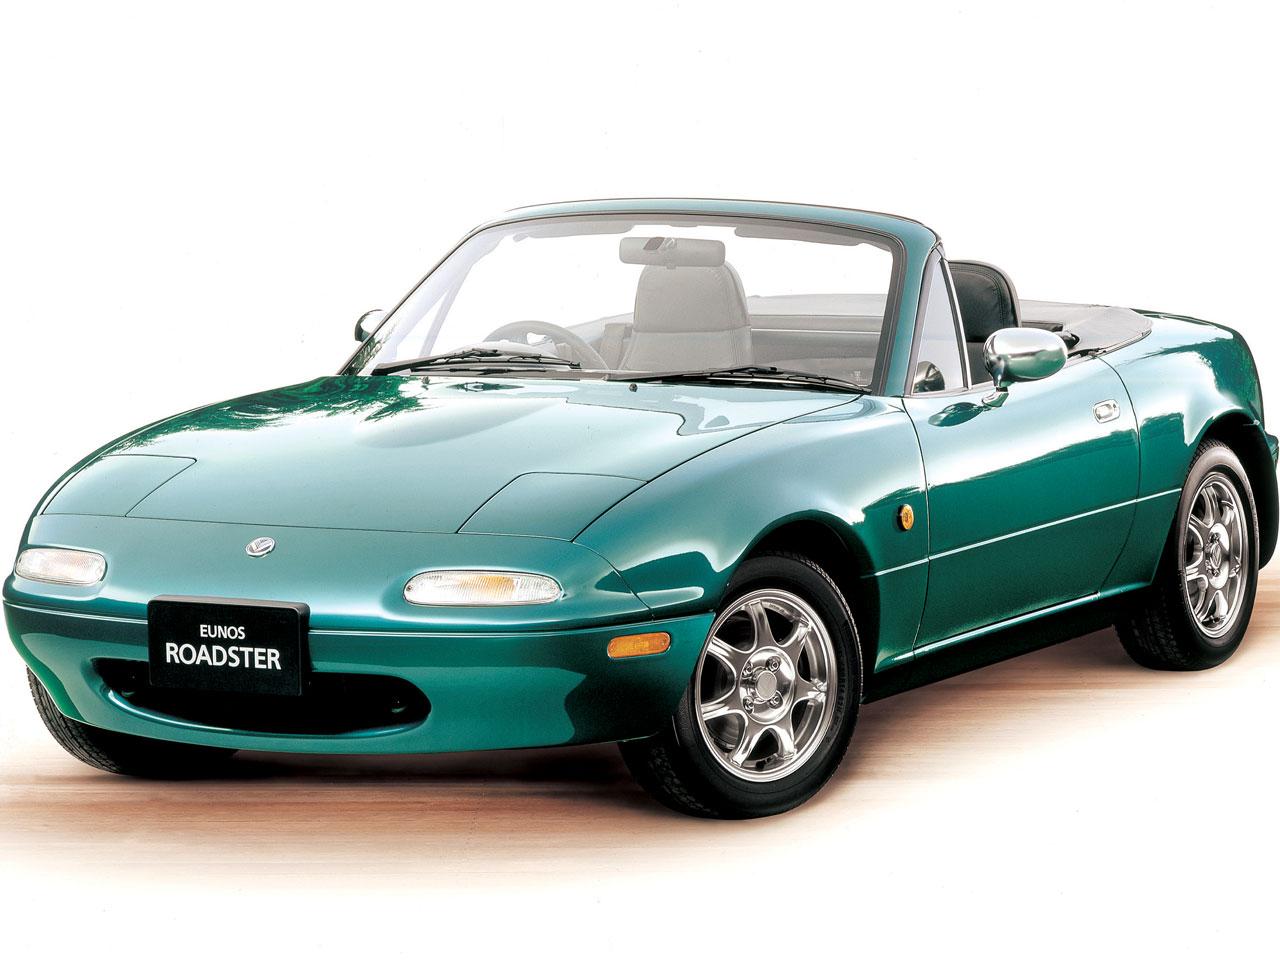 マツダ ロードスター 1989年モデル 新車画像